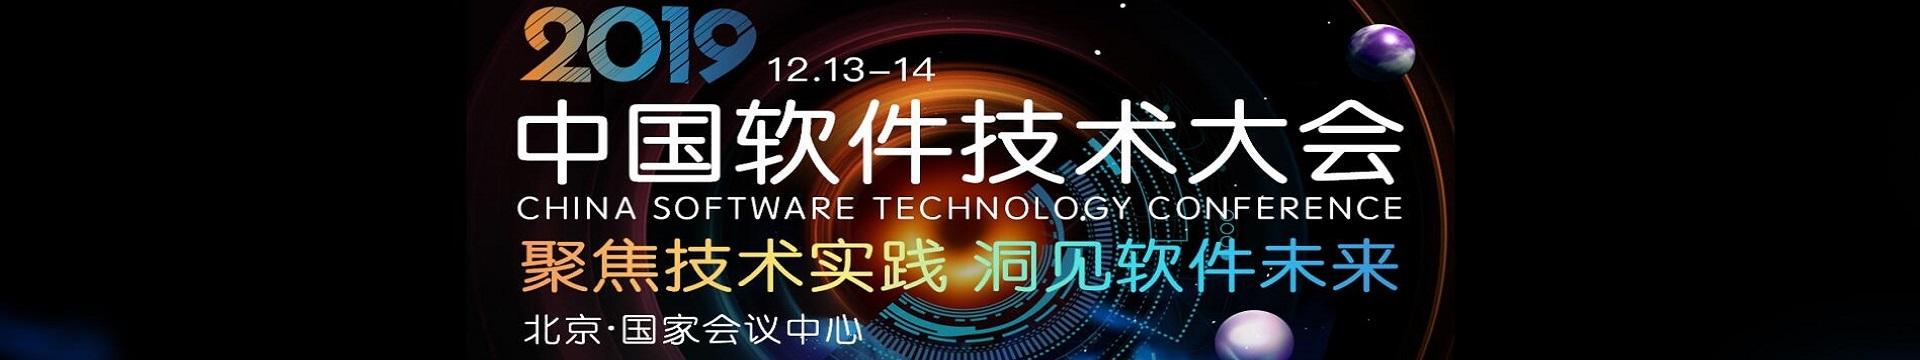 2019中國軟件技術大會